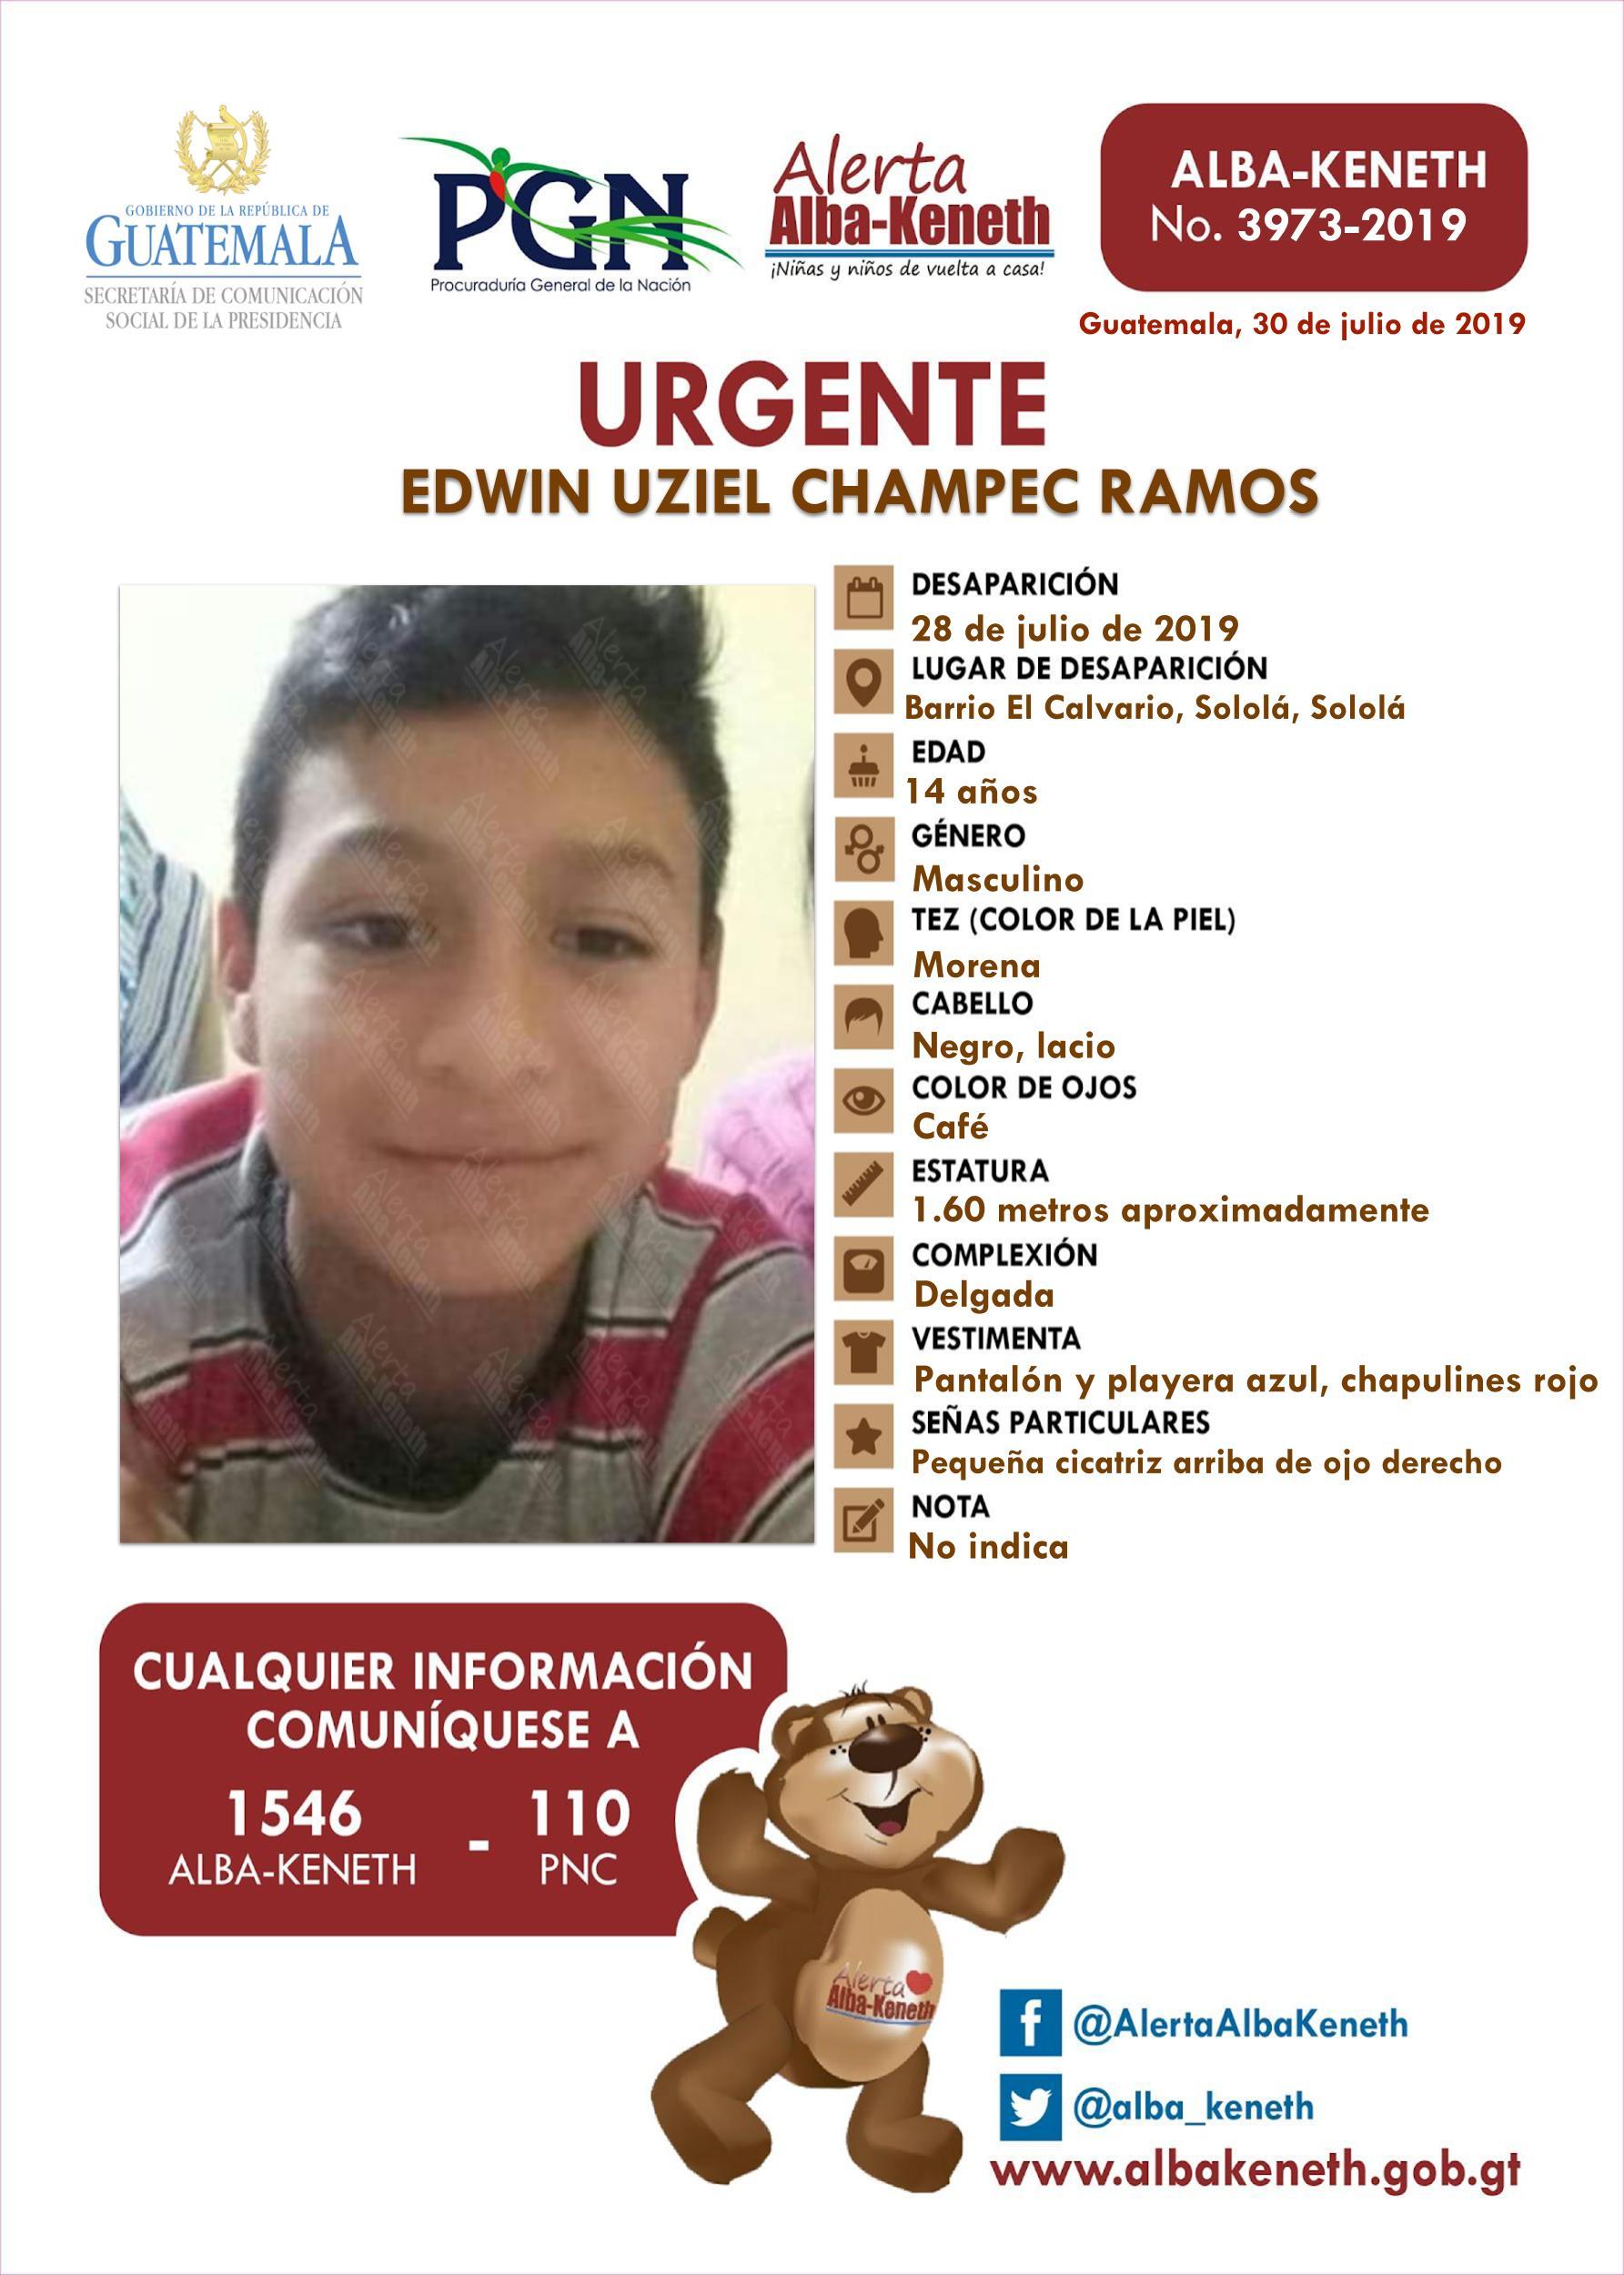 Edwin Uziel Champec Ramos